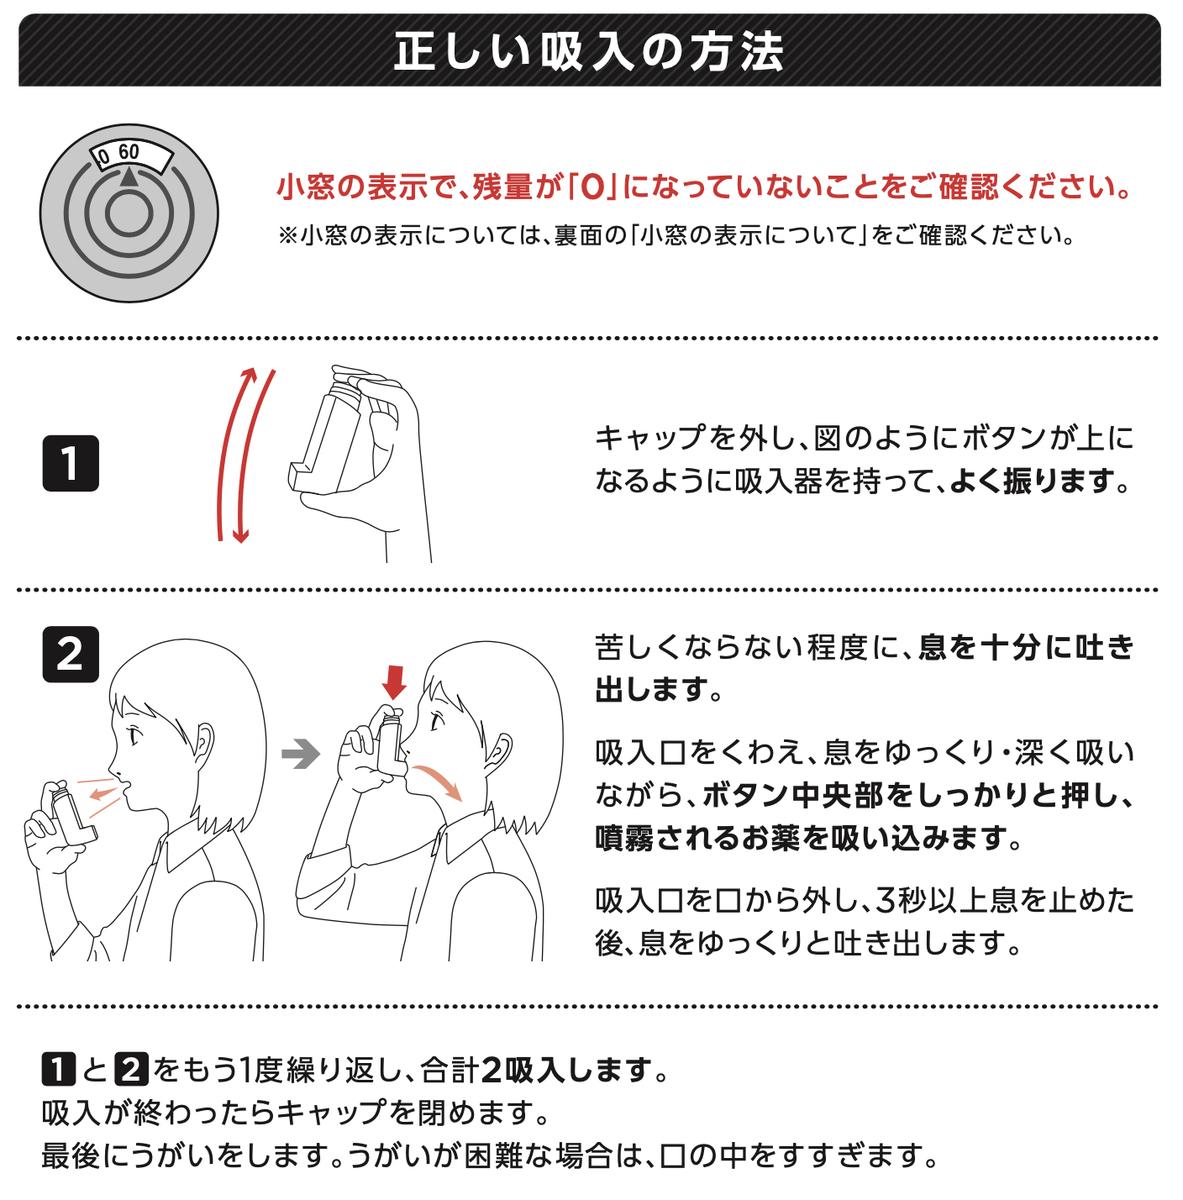 ビレーズトリエアロスフィアの吸入方法